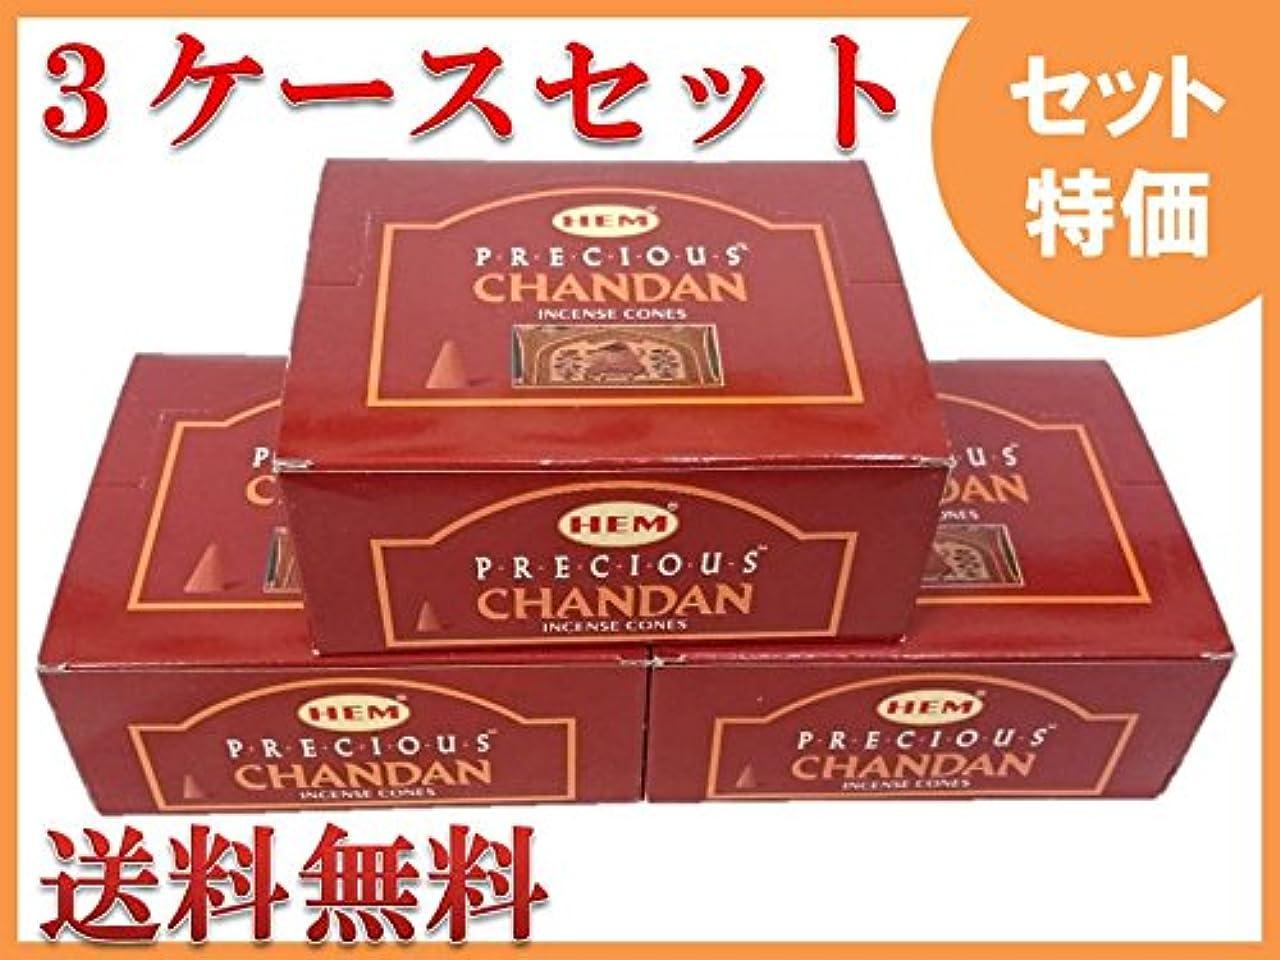 近傍大帰るHEM お香コーン/(12箱入り) 3ケース(36箱)セット HEMチャンダン